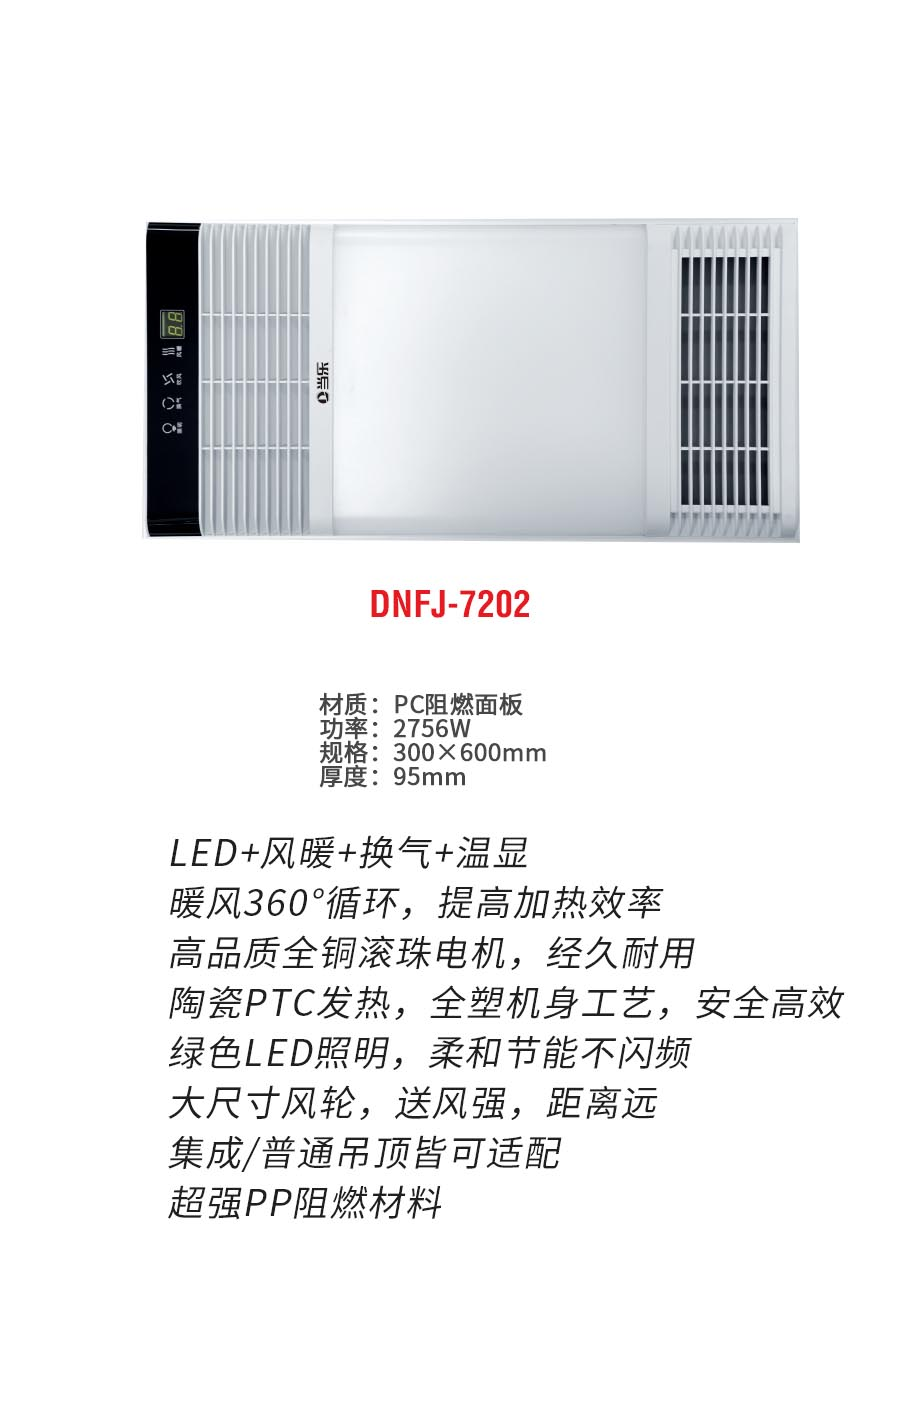 DNFJ-7202b.jpg